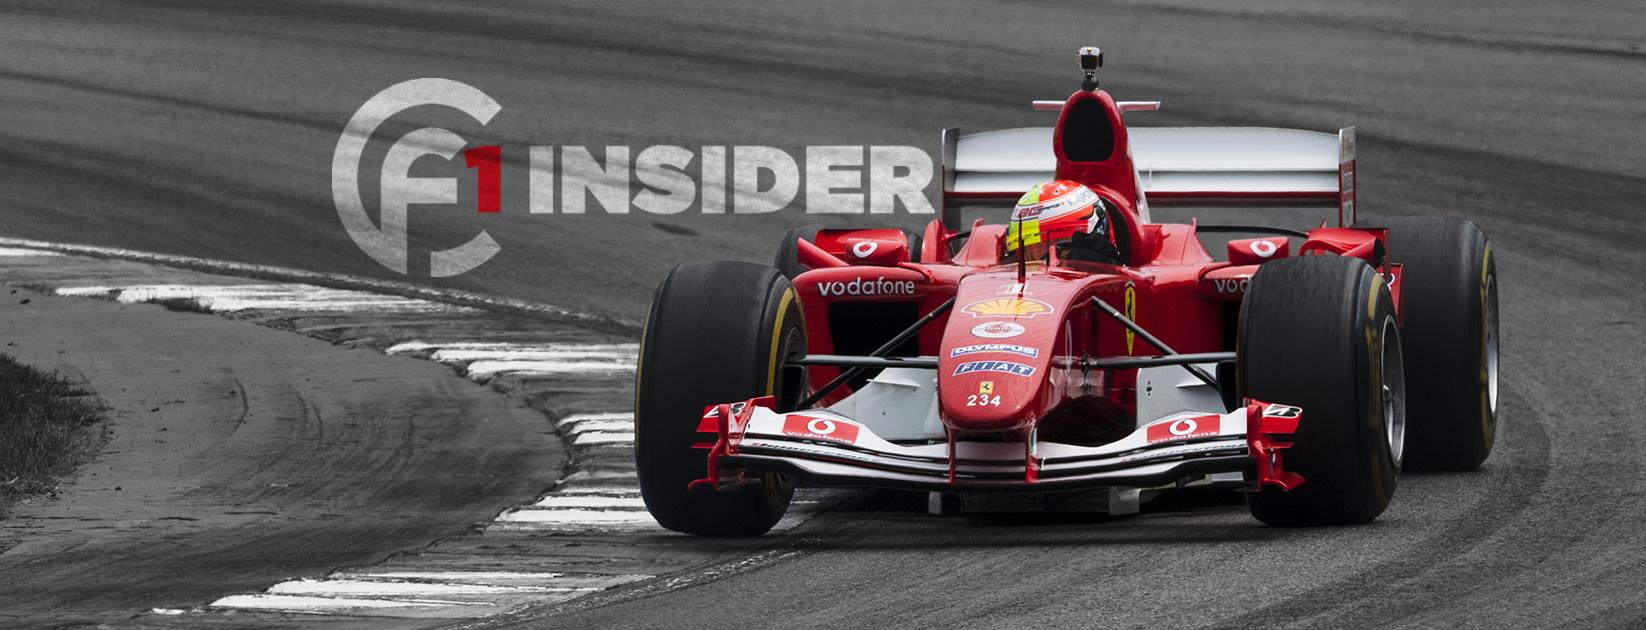 F1 Insider Header Neu